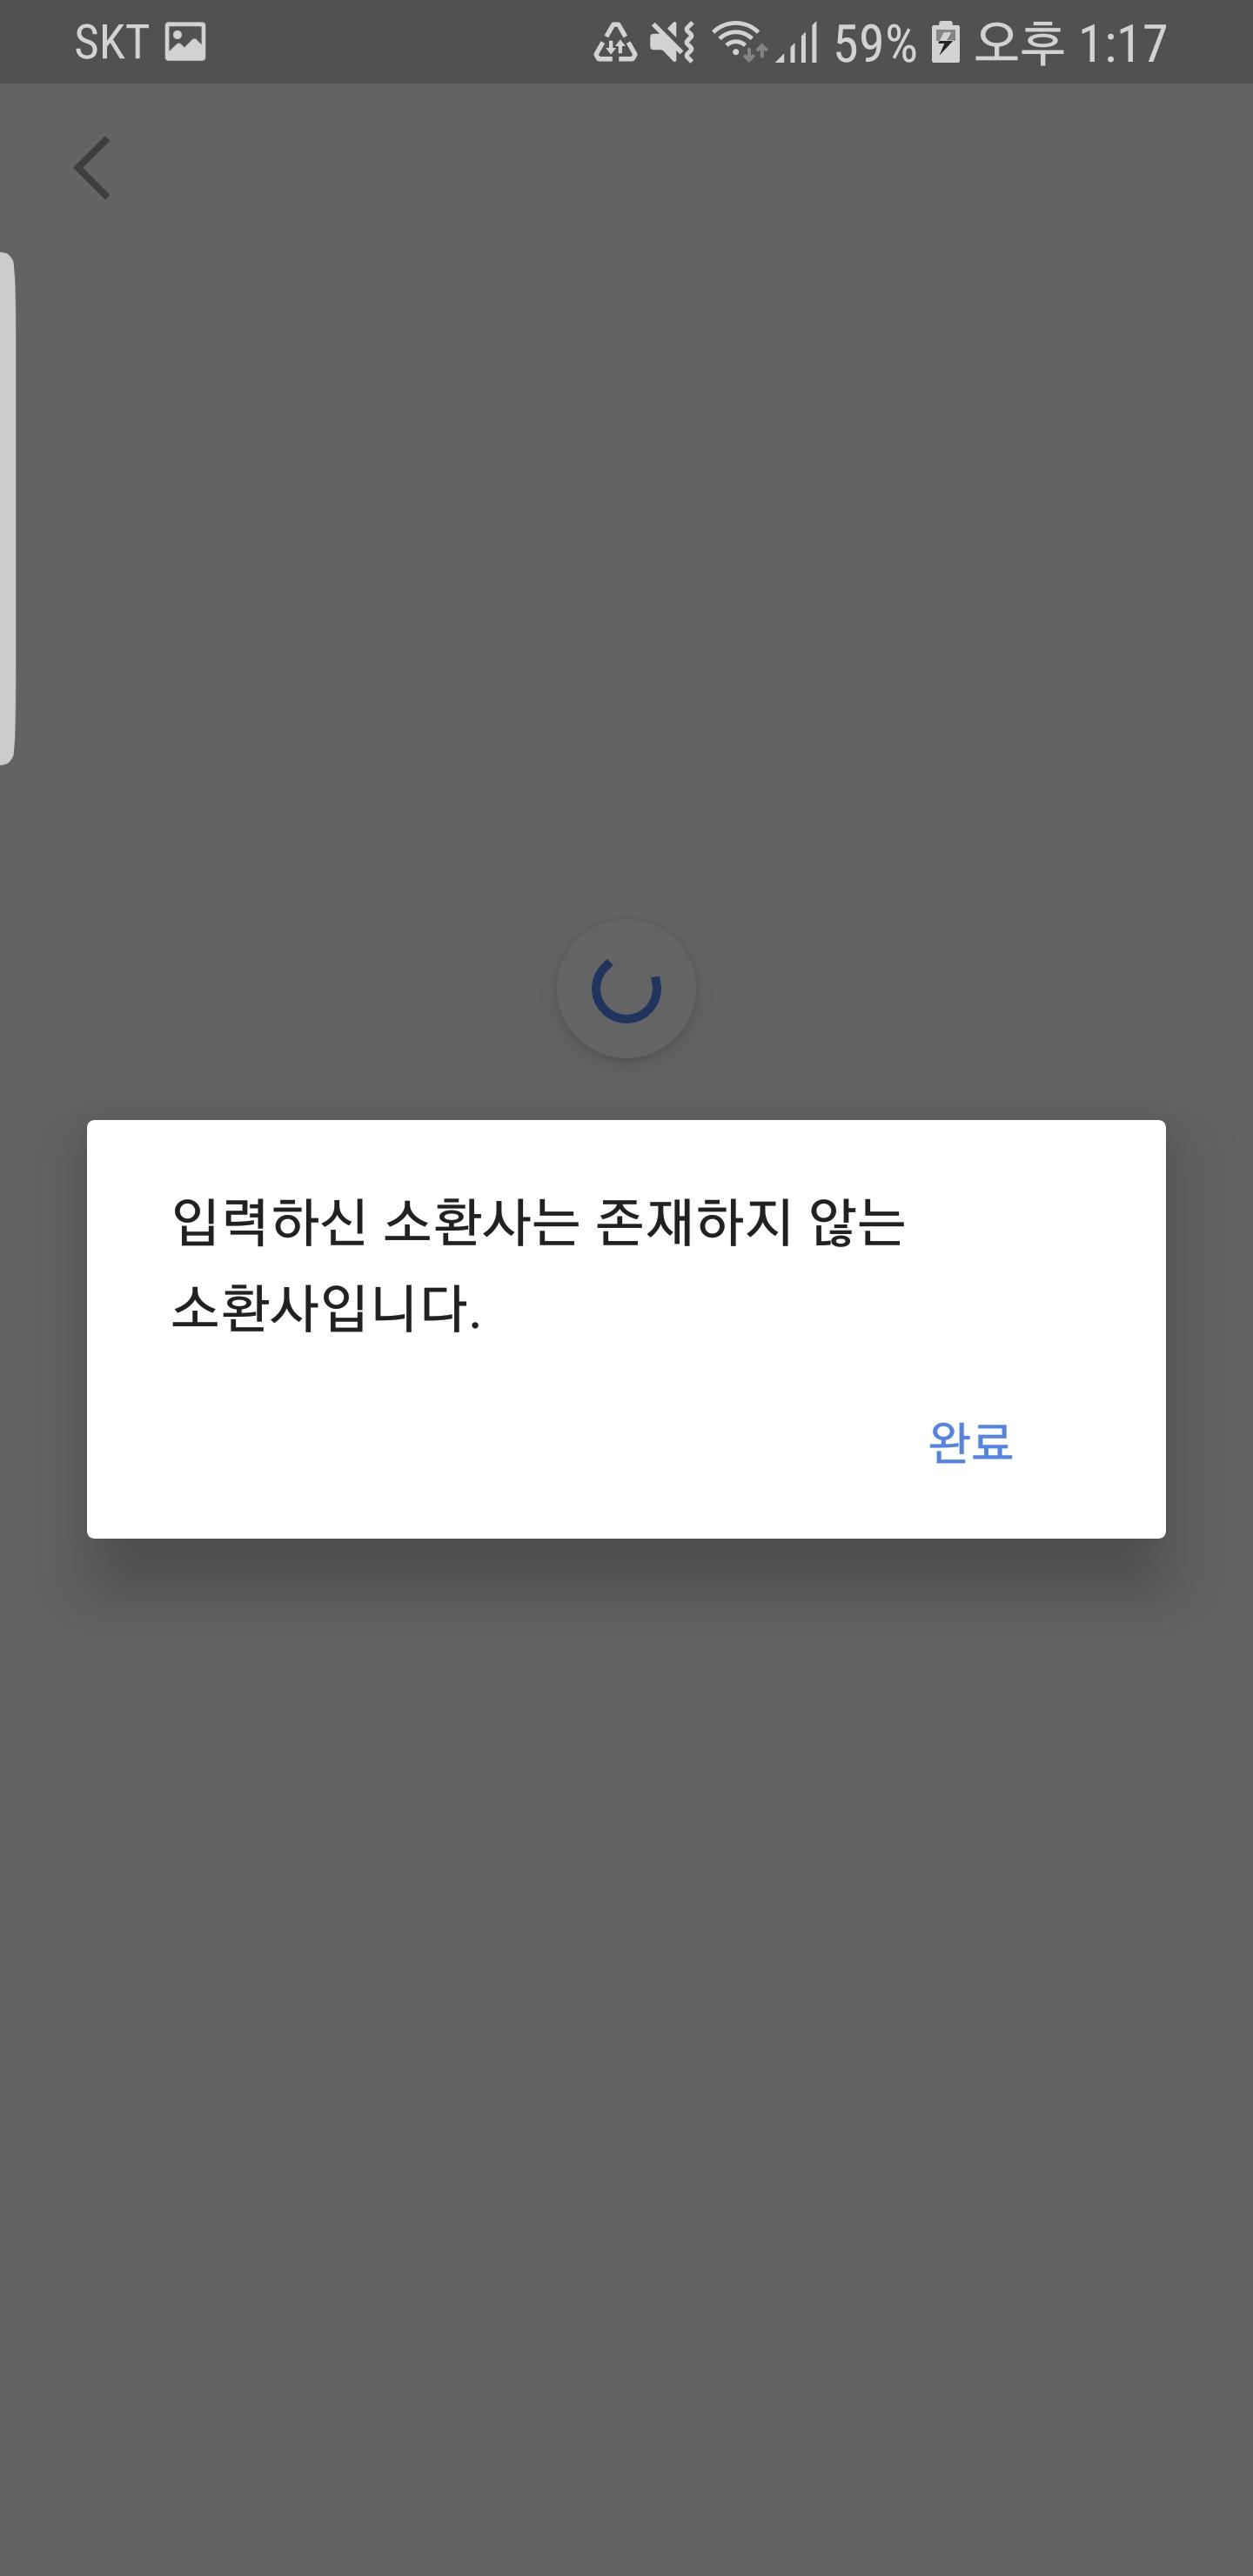 Screenshot_20190211-131730_OPGG.jpg